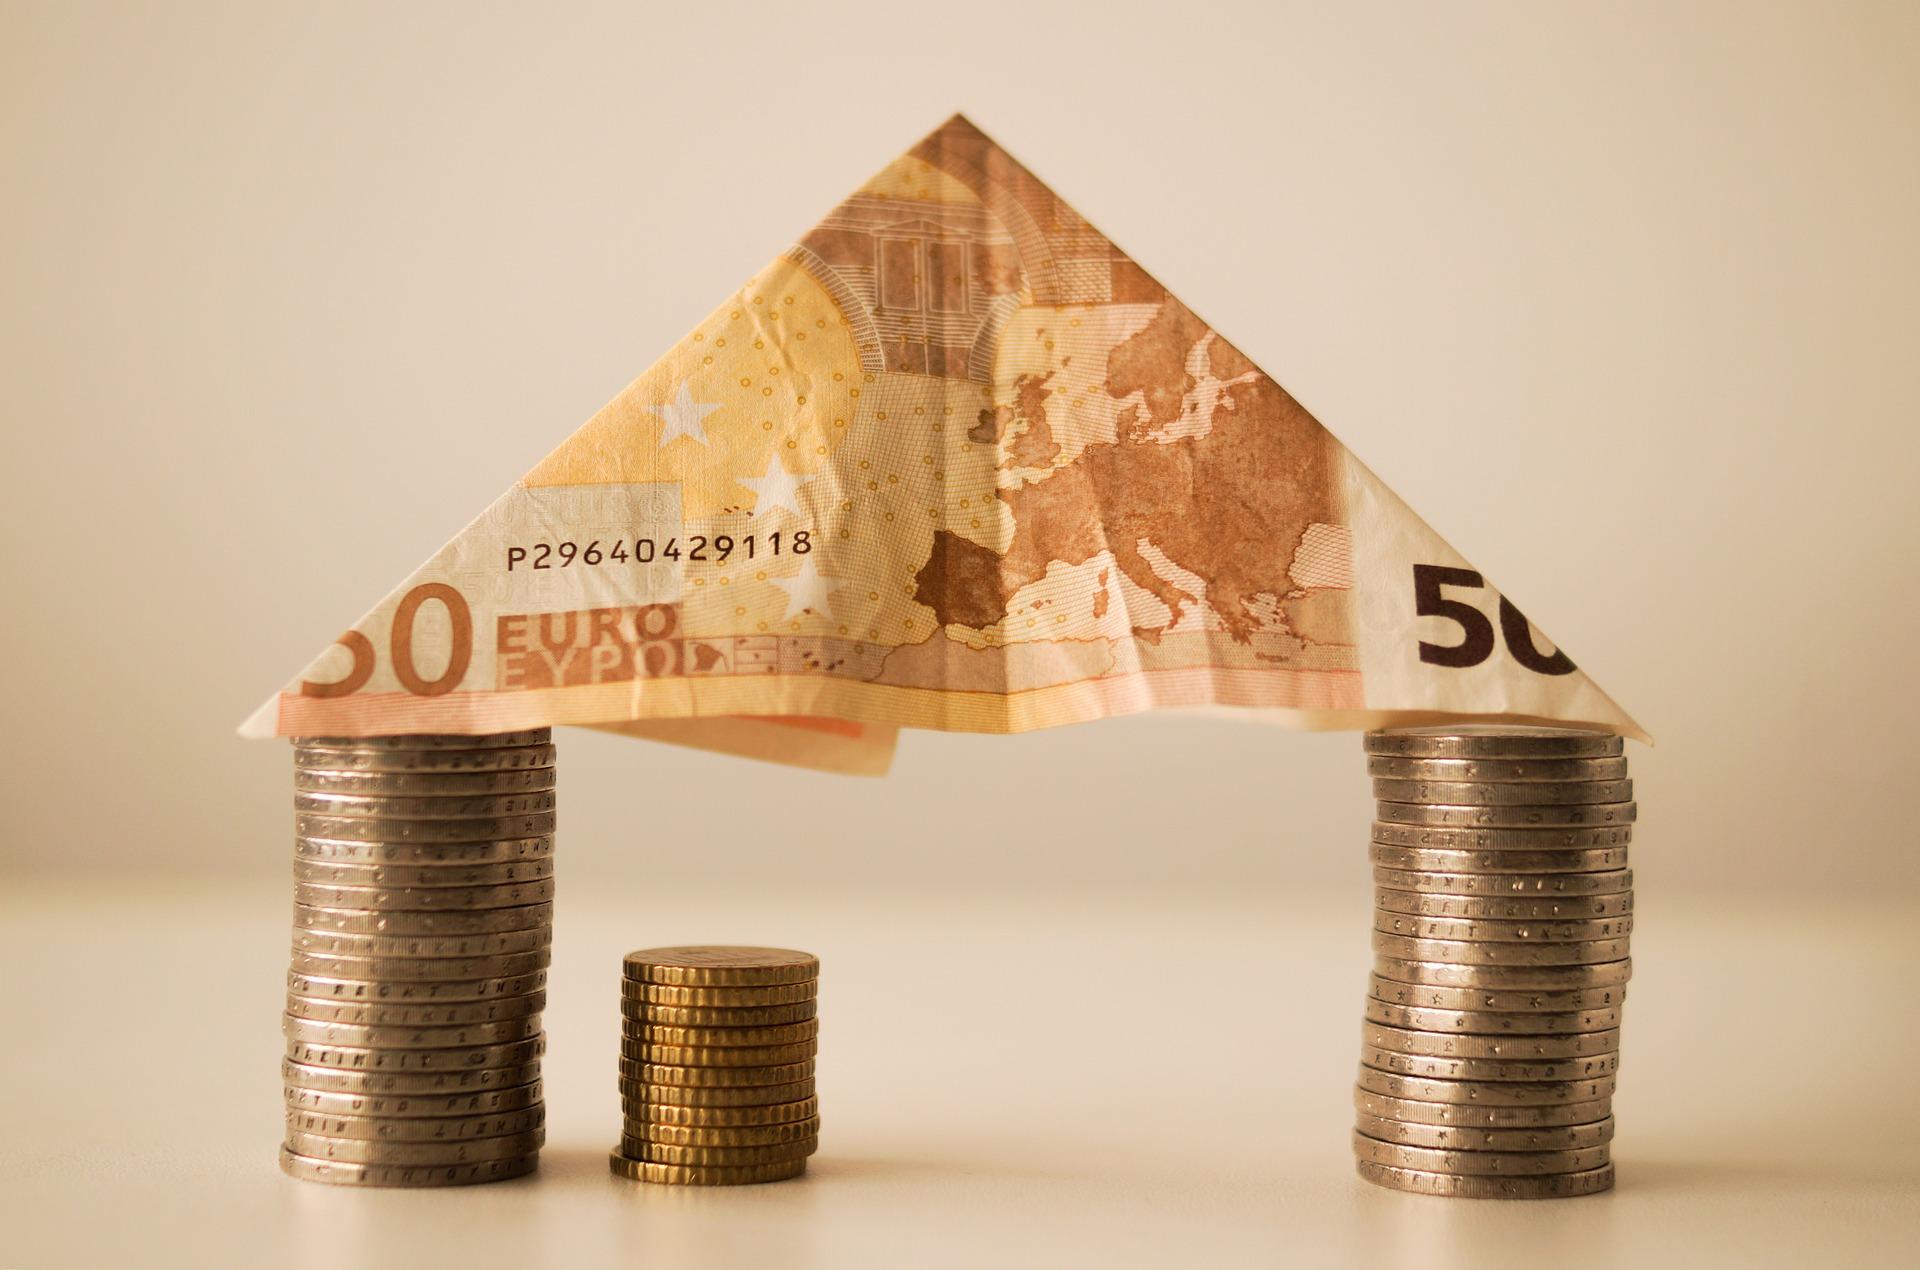 Las entidades reducen su exposición al índice hipotecario IRPH en más de 1.300 millones